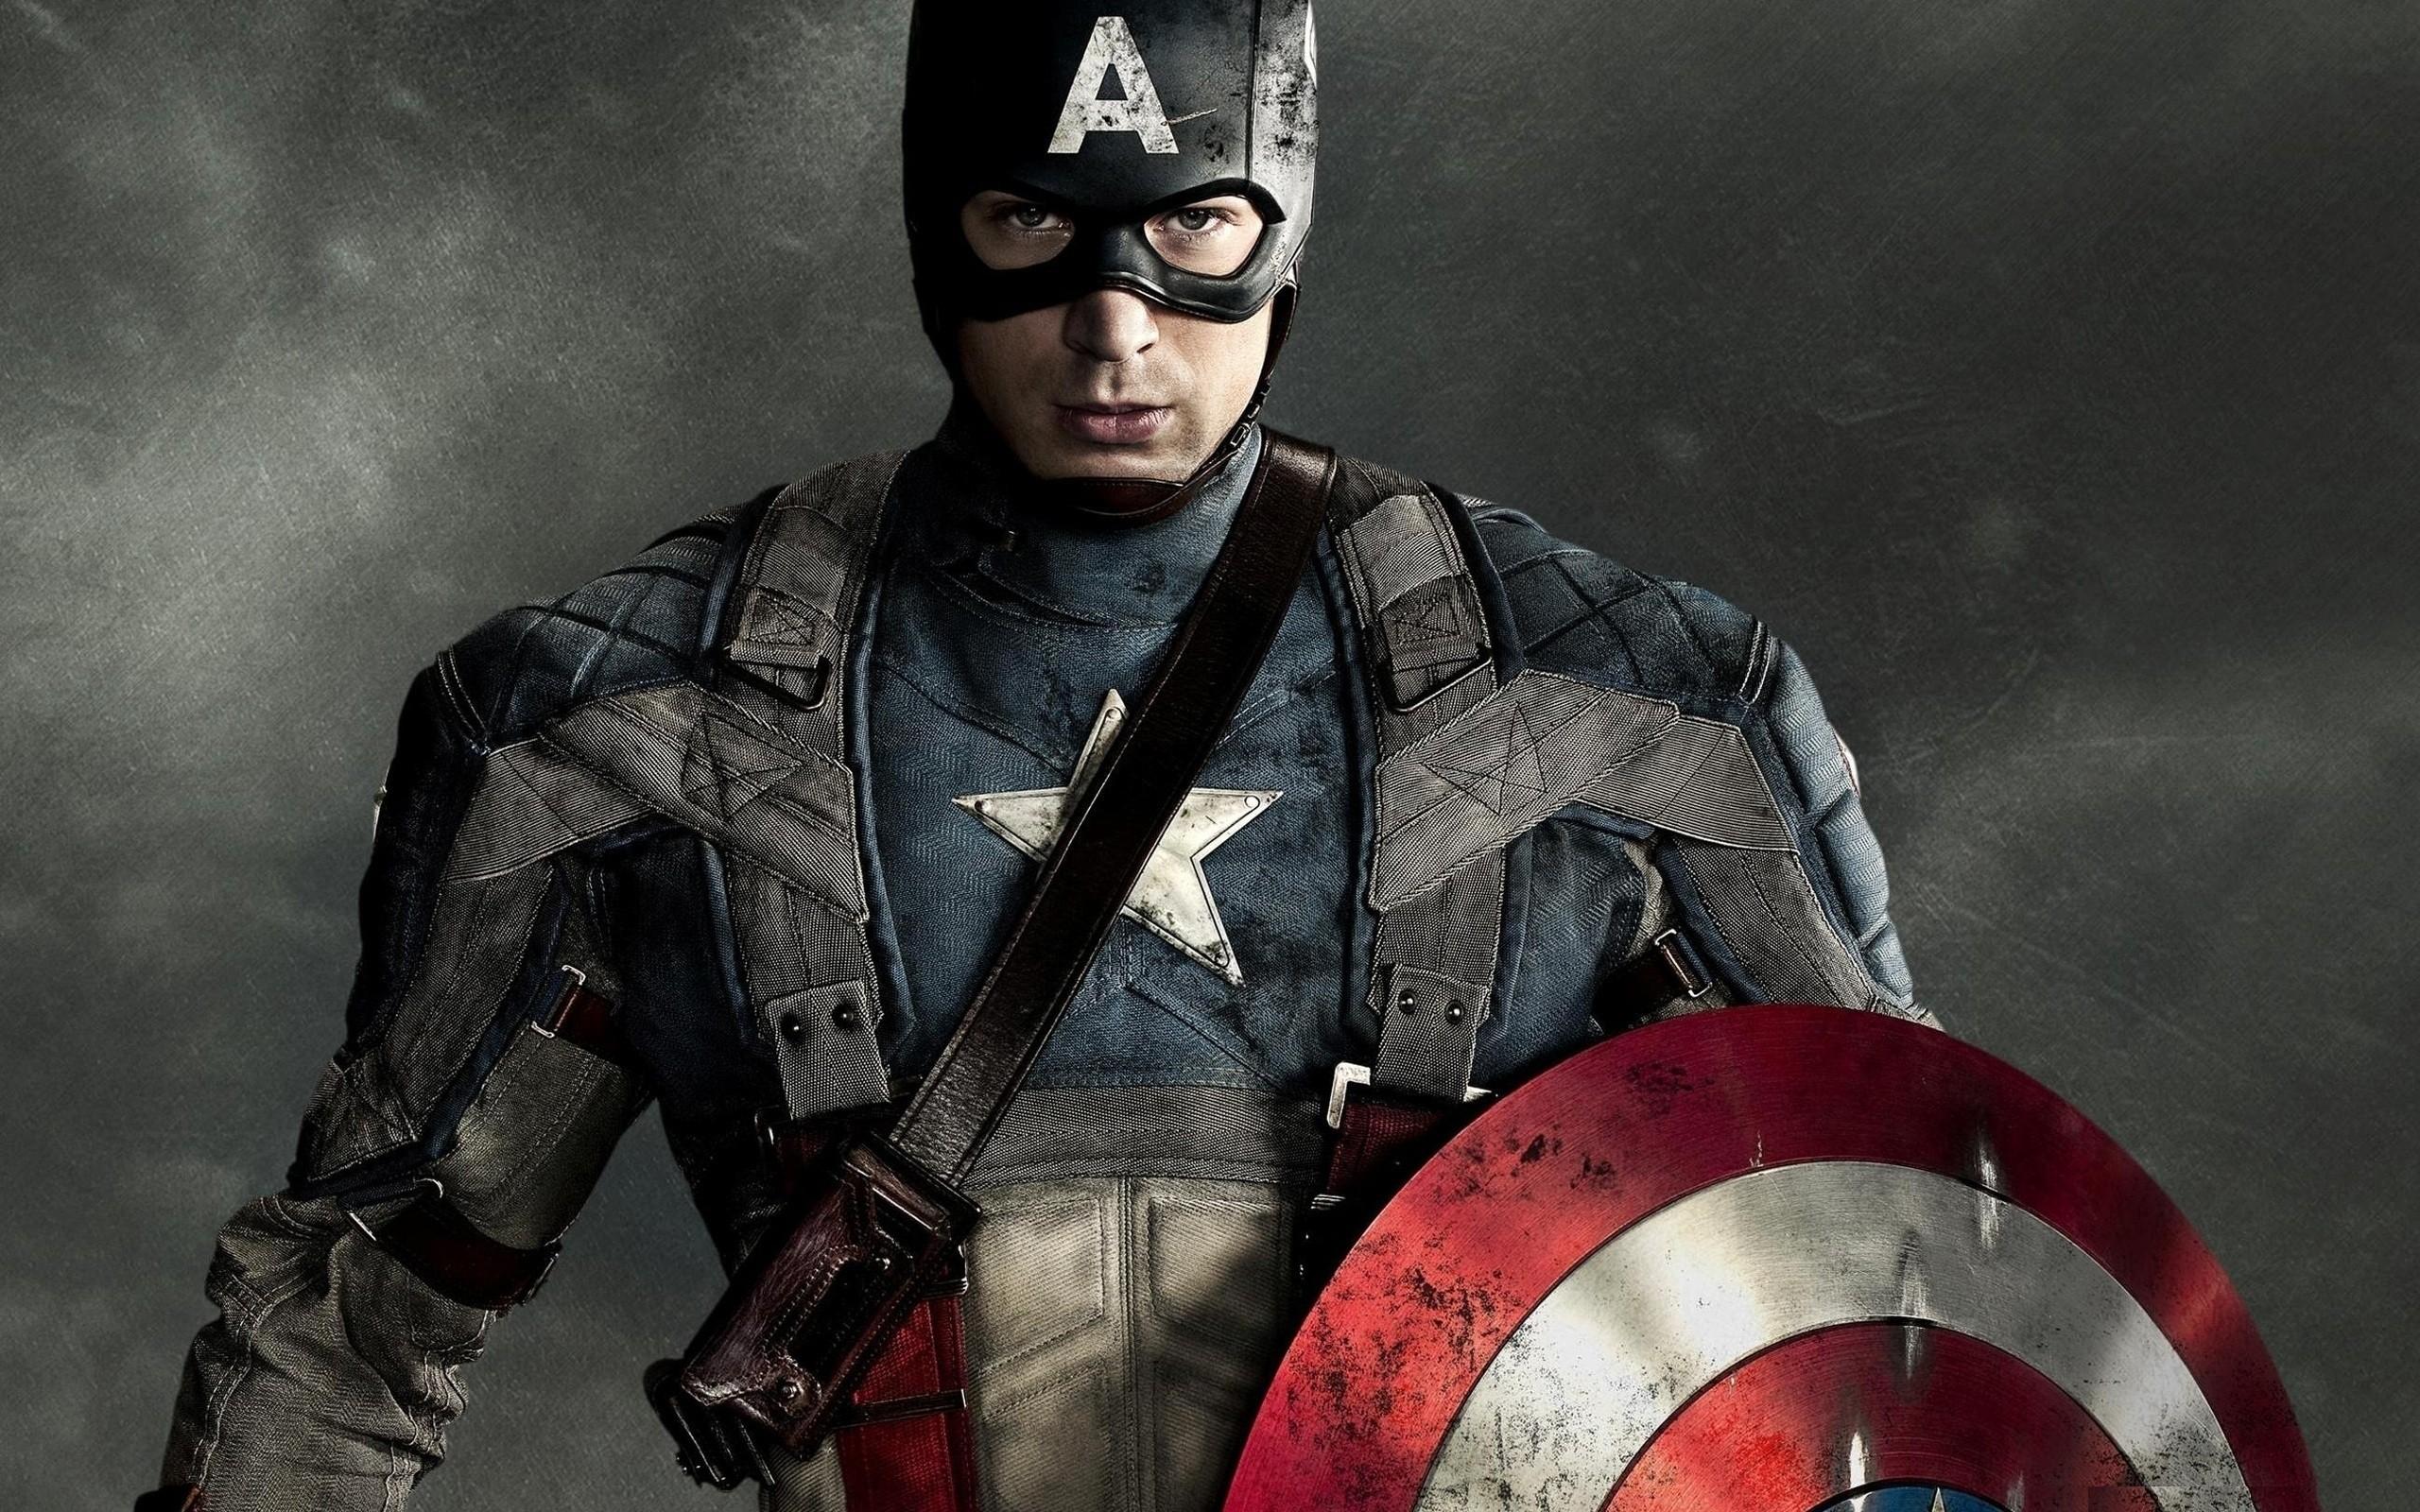 Captain America The First Avenger Wallpaper 2560x1600 2644